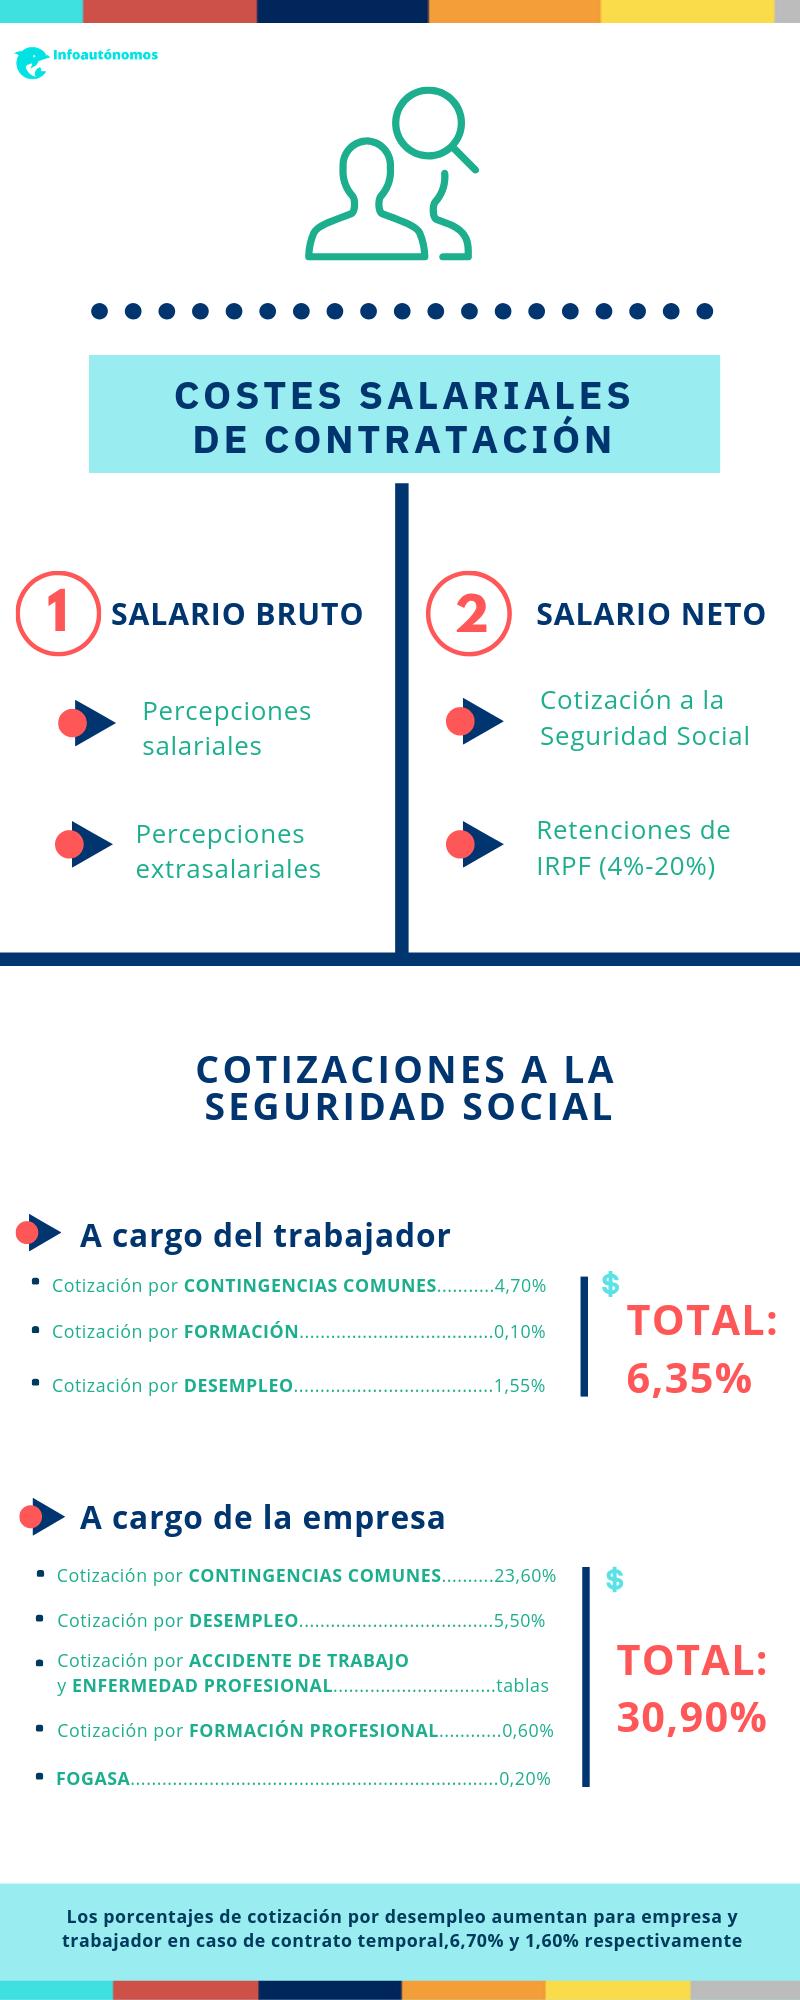 Costes salariales de contratación de un trabajador